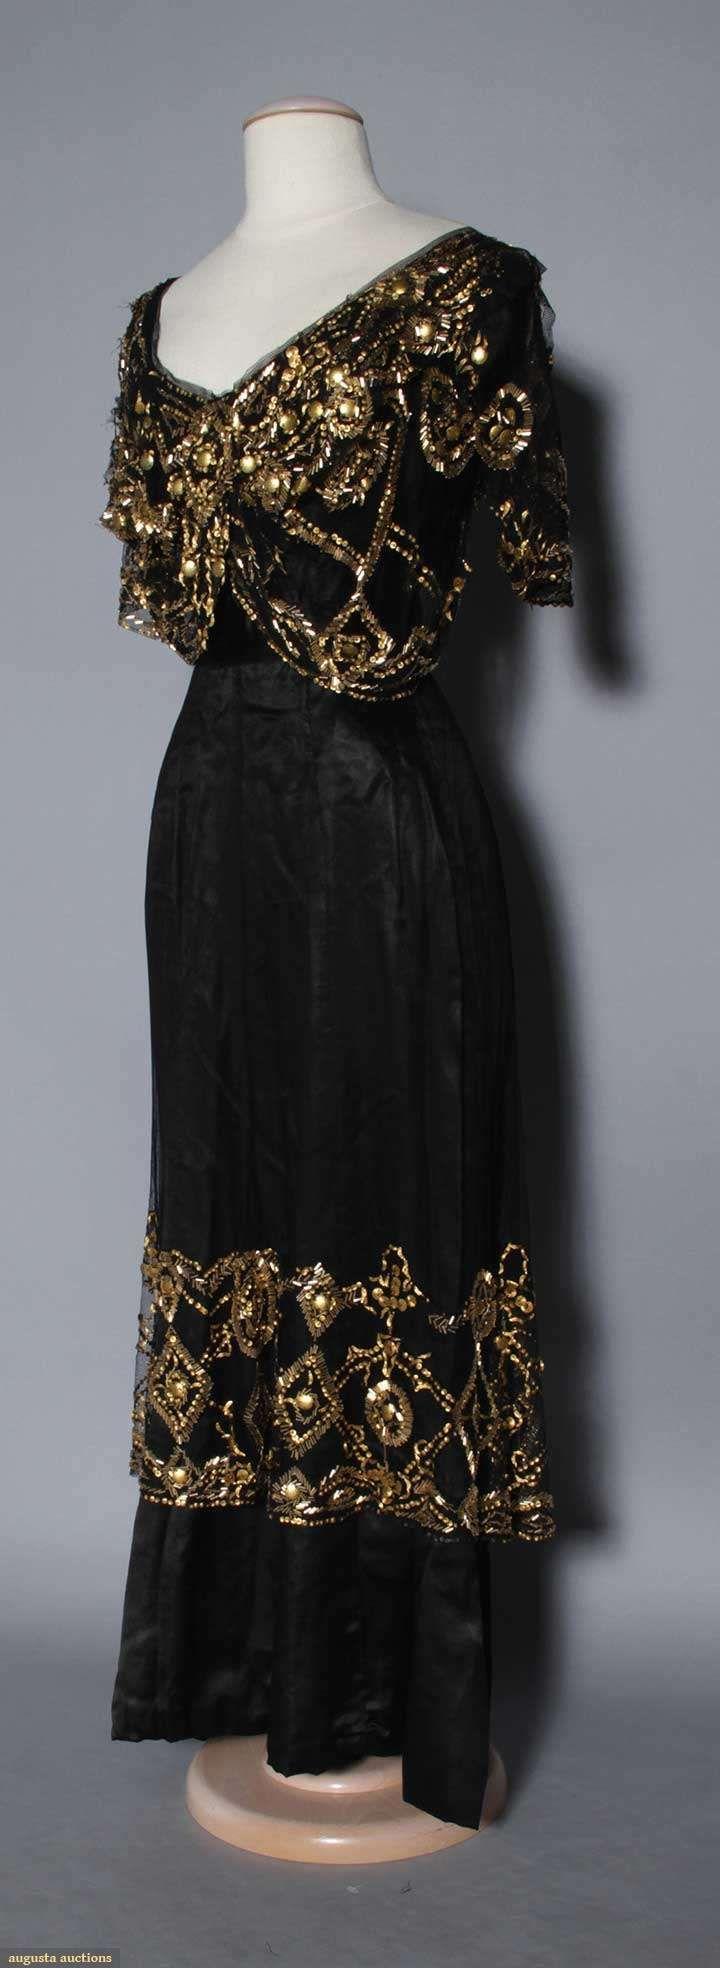 Best 25+ Gold evening gowns ideas on Pinterest | Brown ball ...